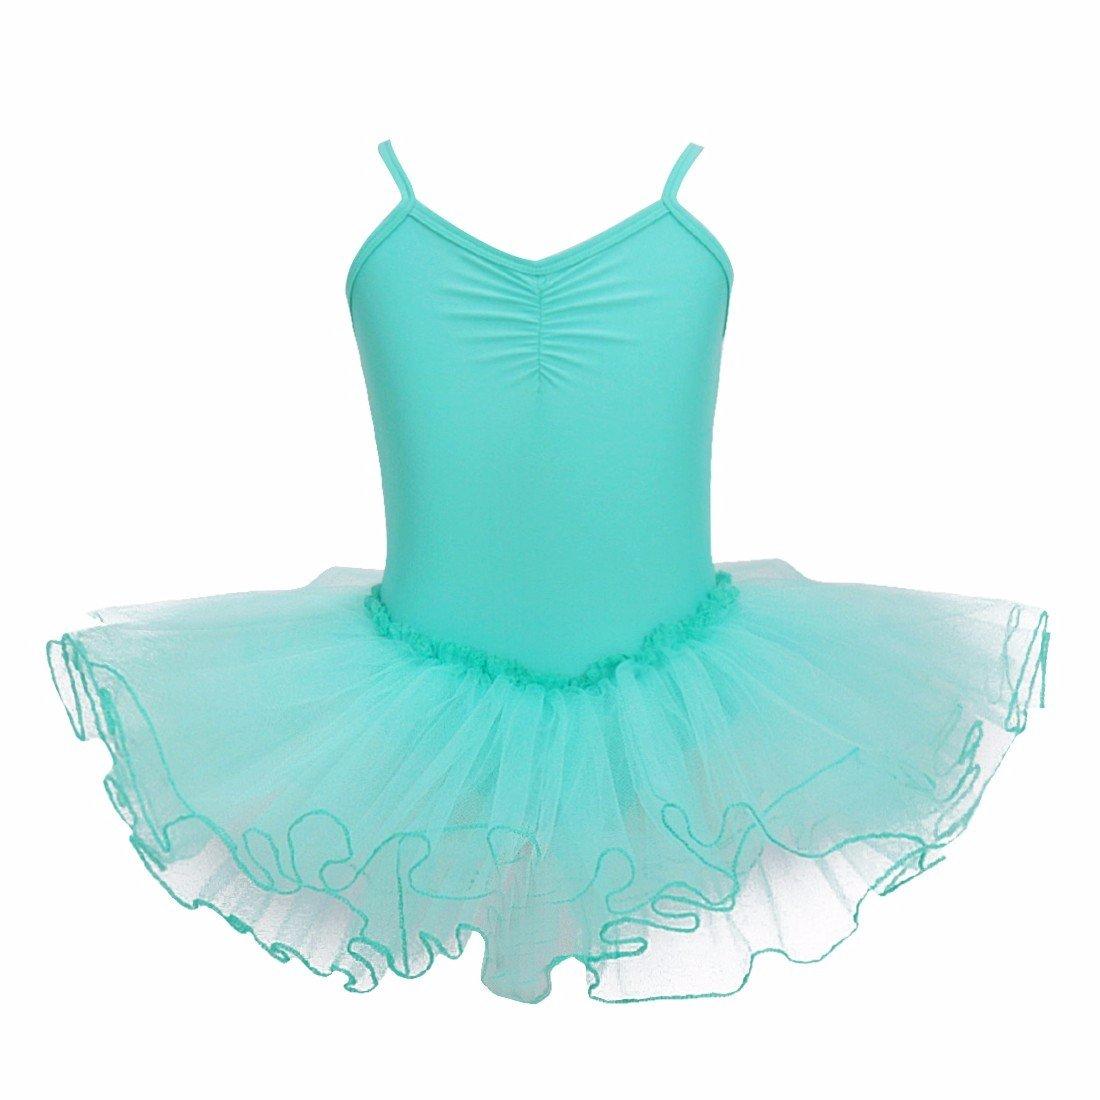 iEFiEL Maillot Vestido de Danza Niñas de Fiestas Leotardo de Ballet Tutú Elástico Tiras Cruzadas con